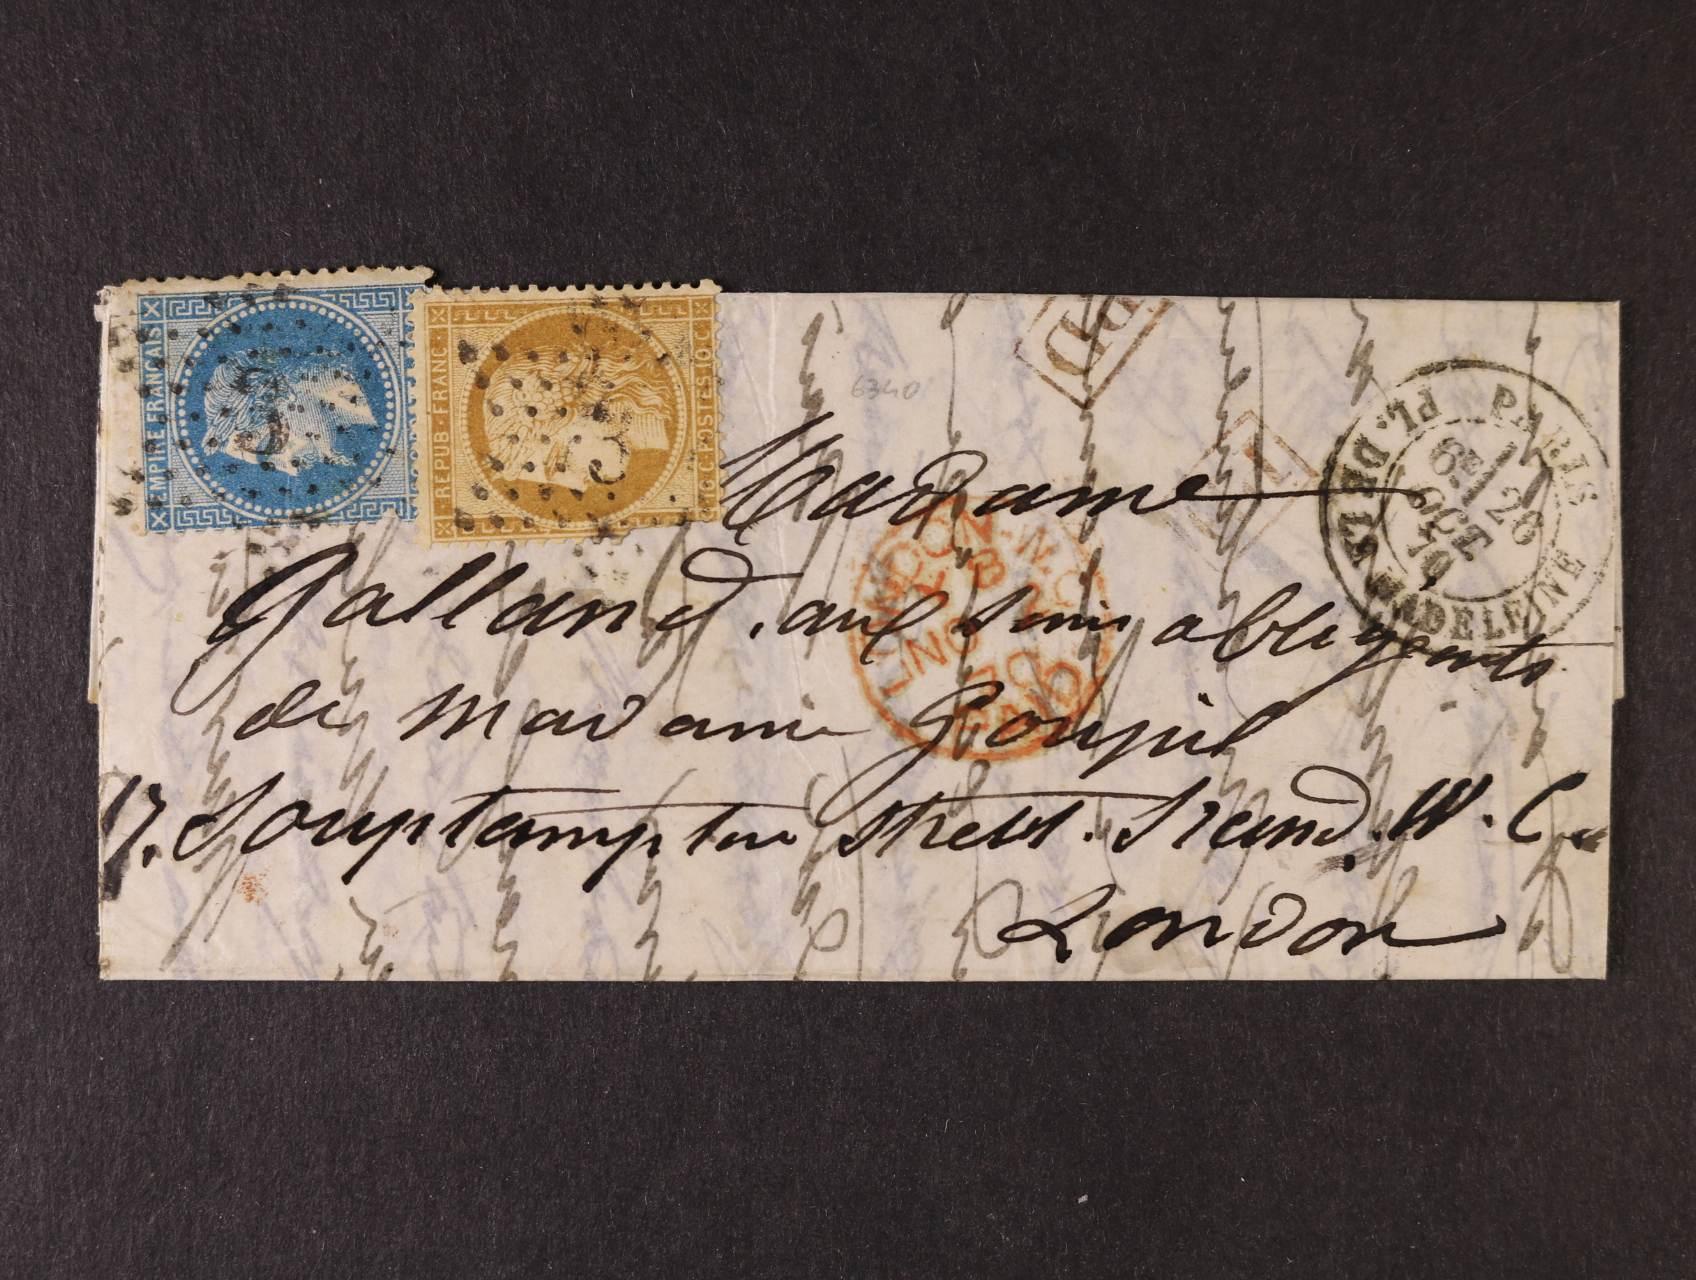 PAR BALLON MONTÉ - balonový dopis z obležené Paříže, GARIBALDI, smíšená frankatura CERES 10C + NAPOLEON 20C, raz.